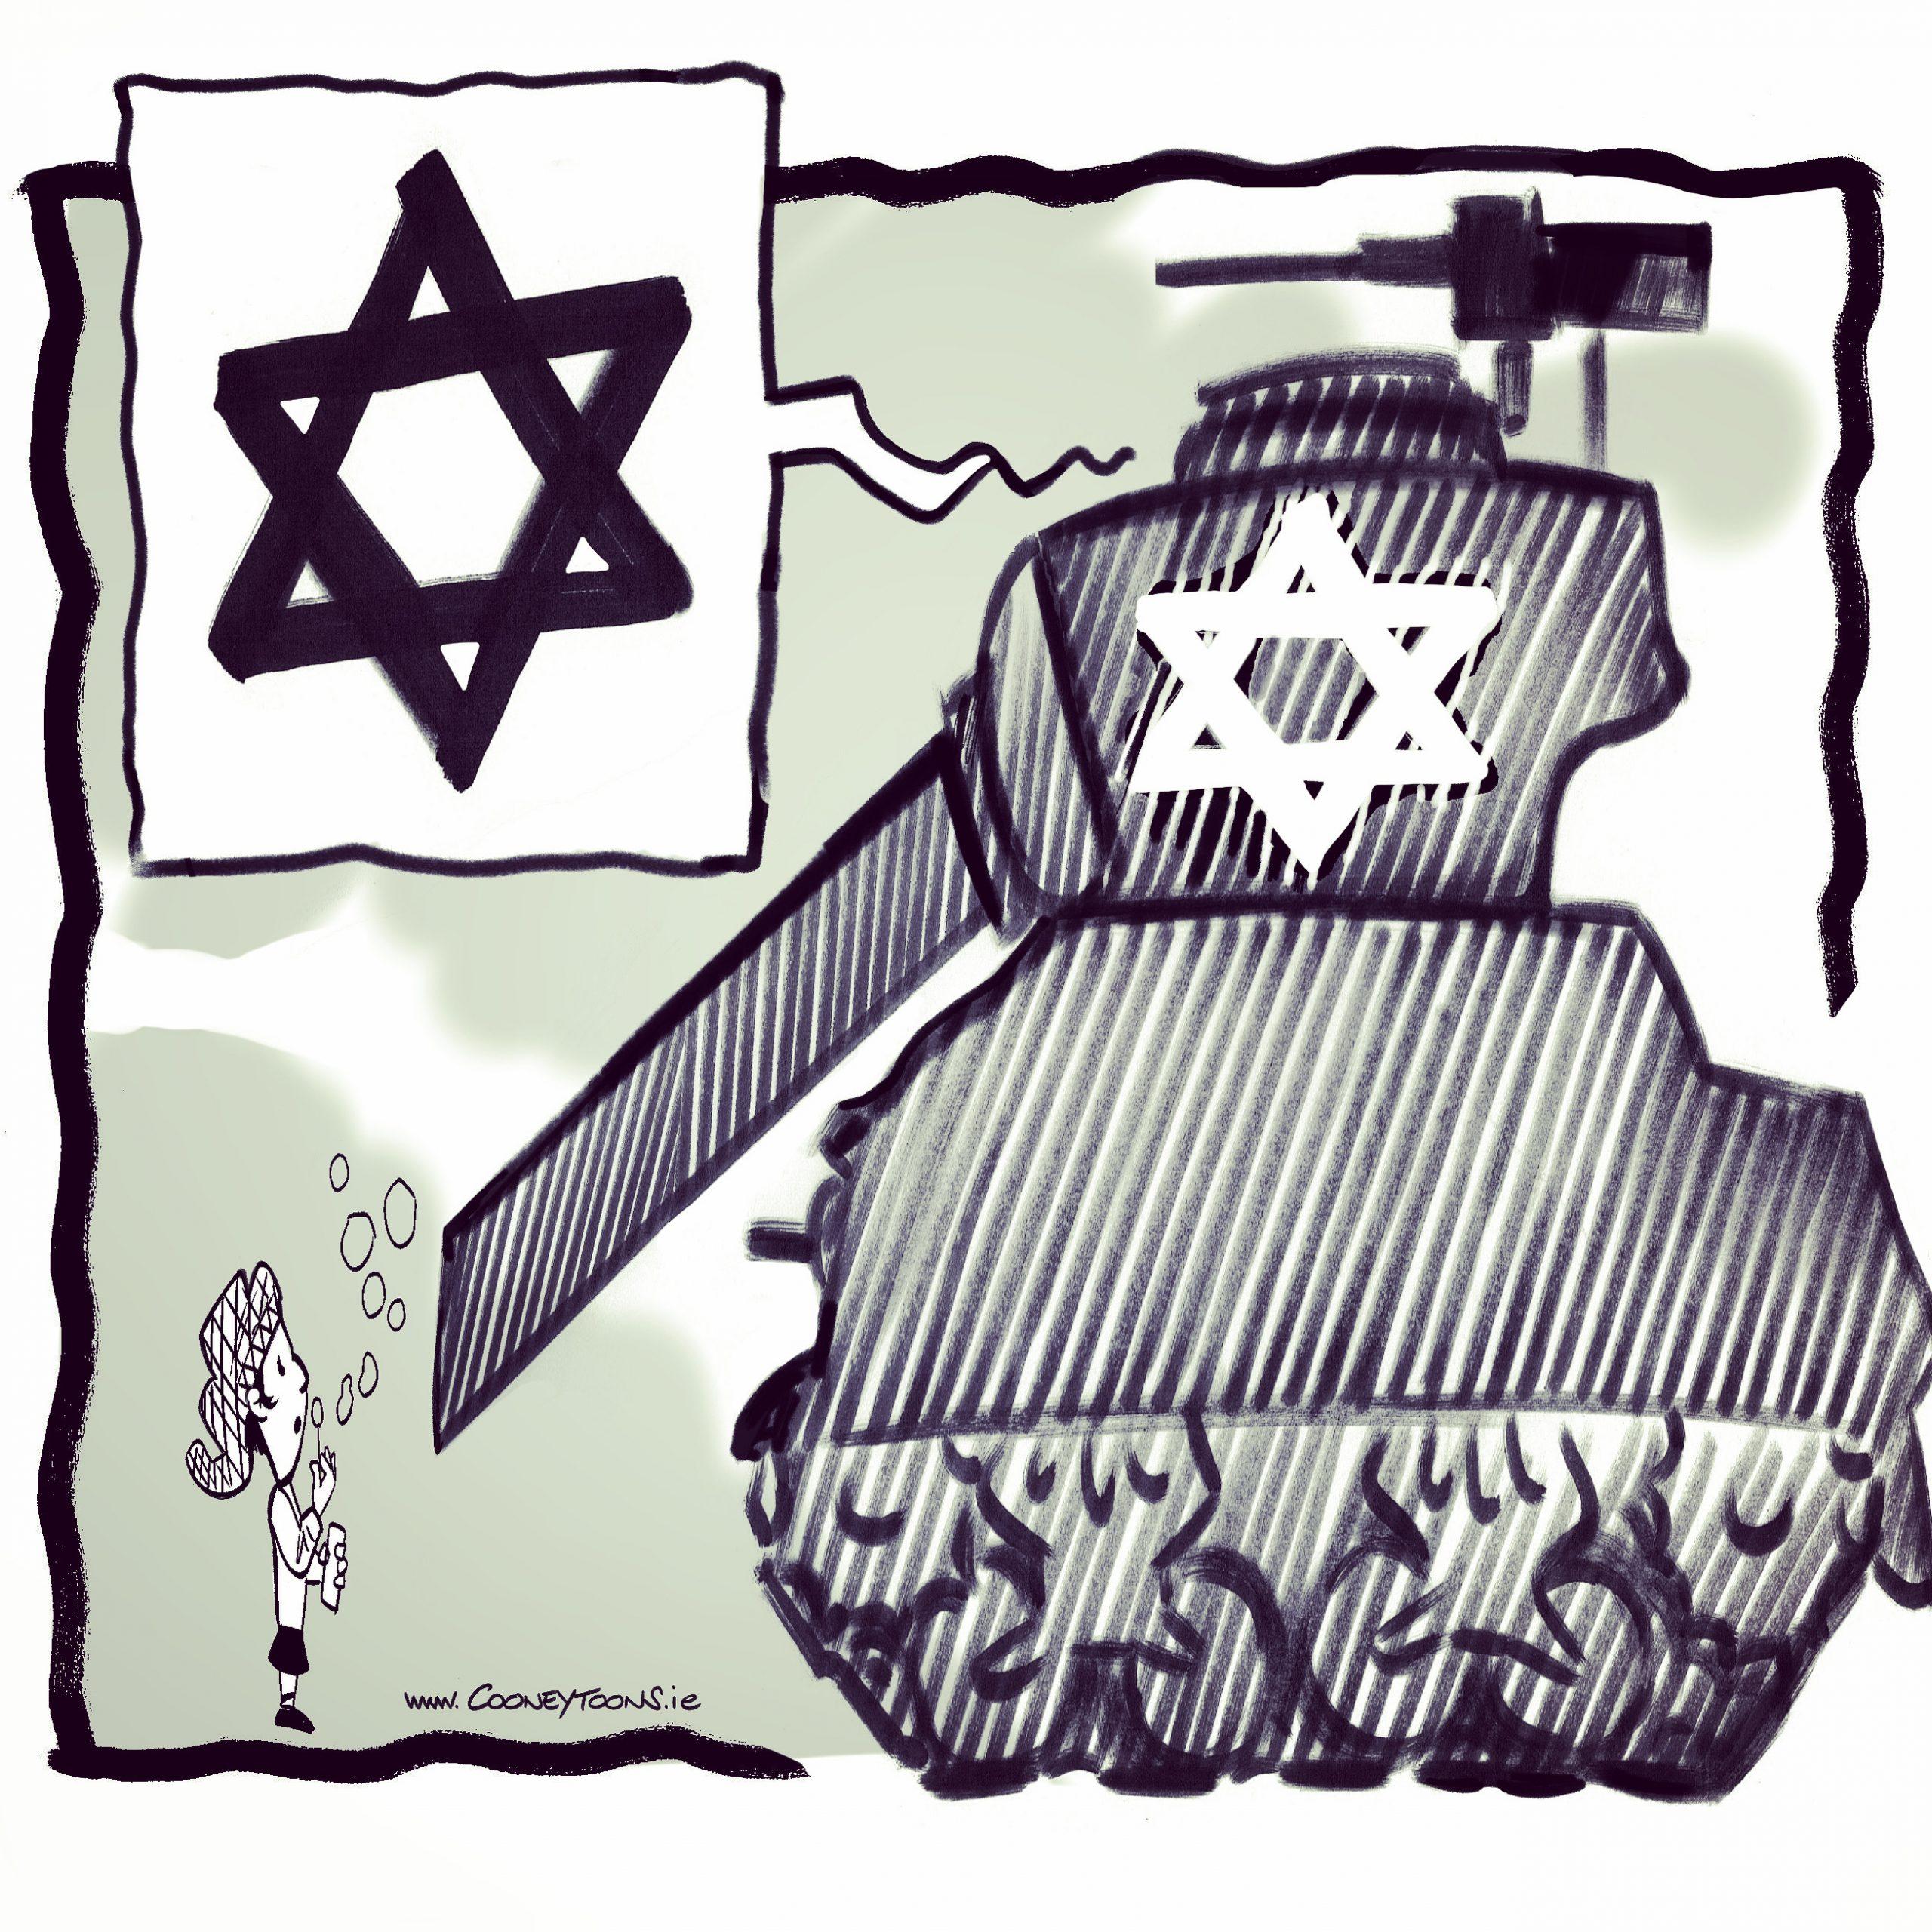 Israeli incursions into Gaza ...!